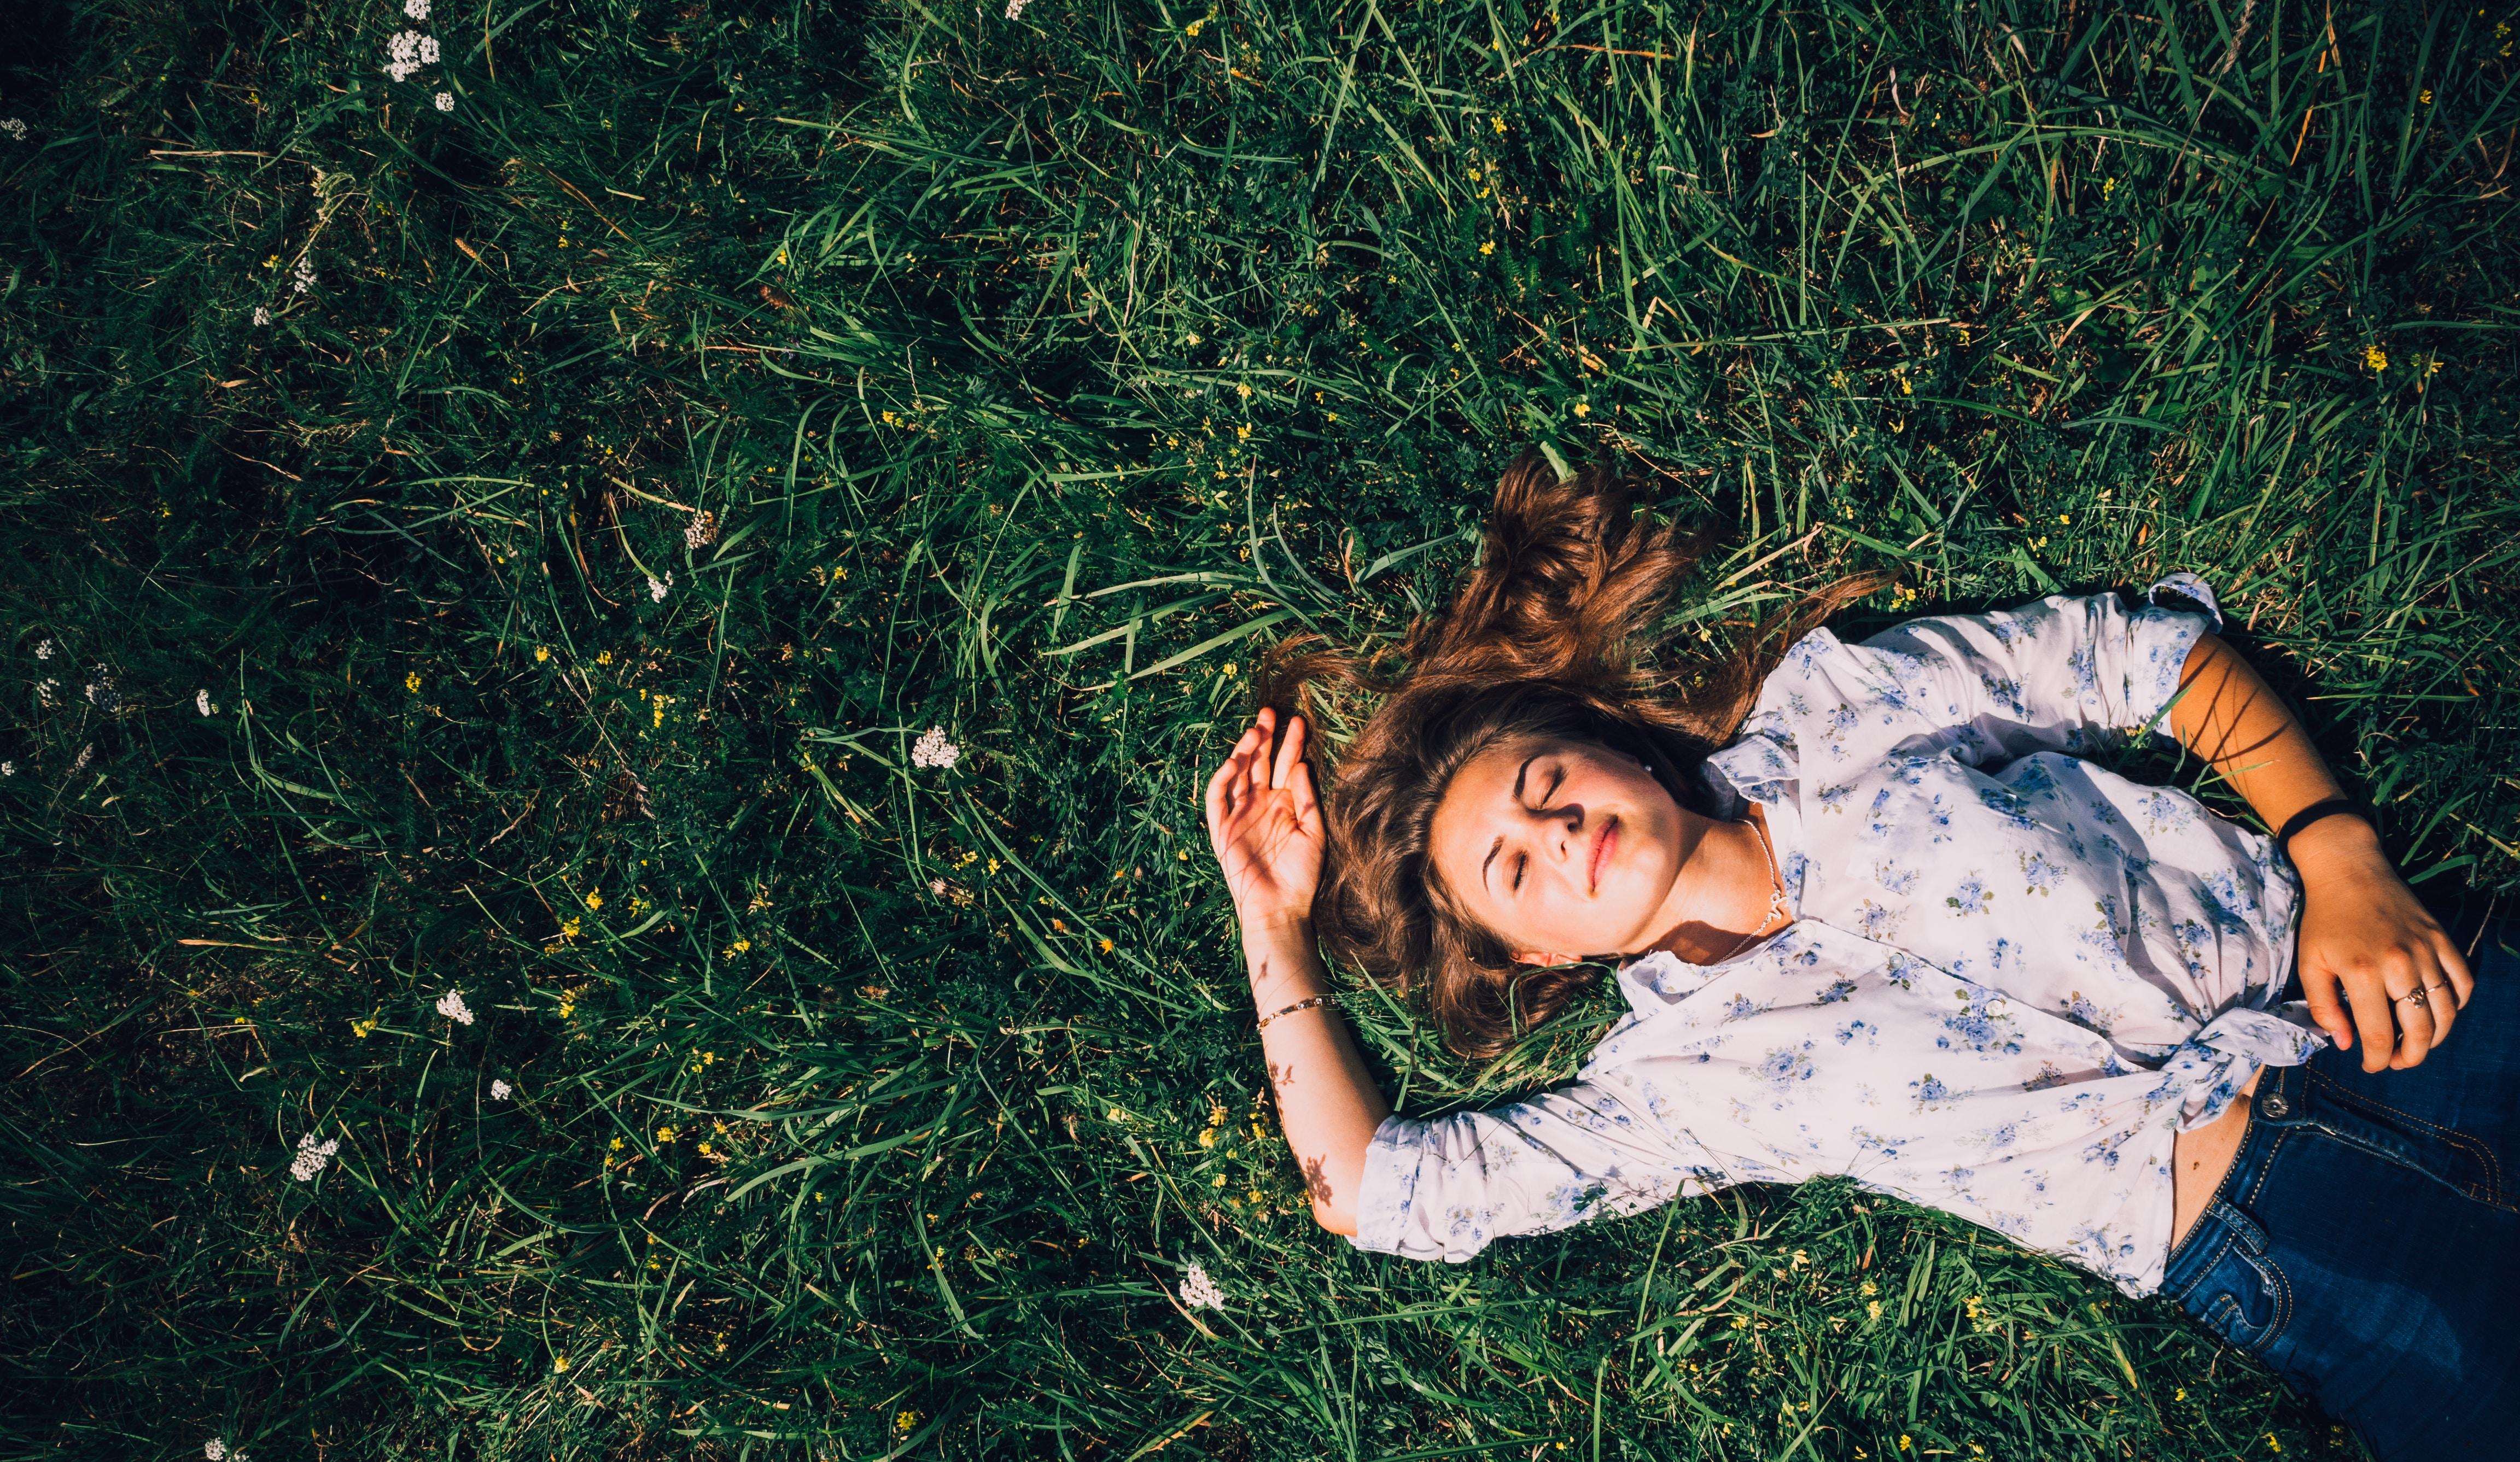 【無呼吸対策】睡眠時無呼吸症候群の予防と対策を紹介